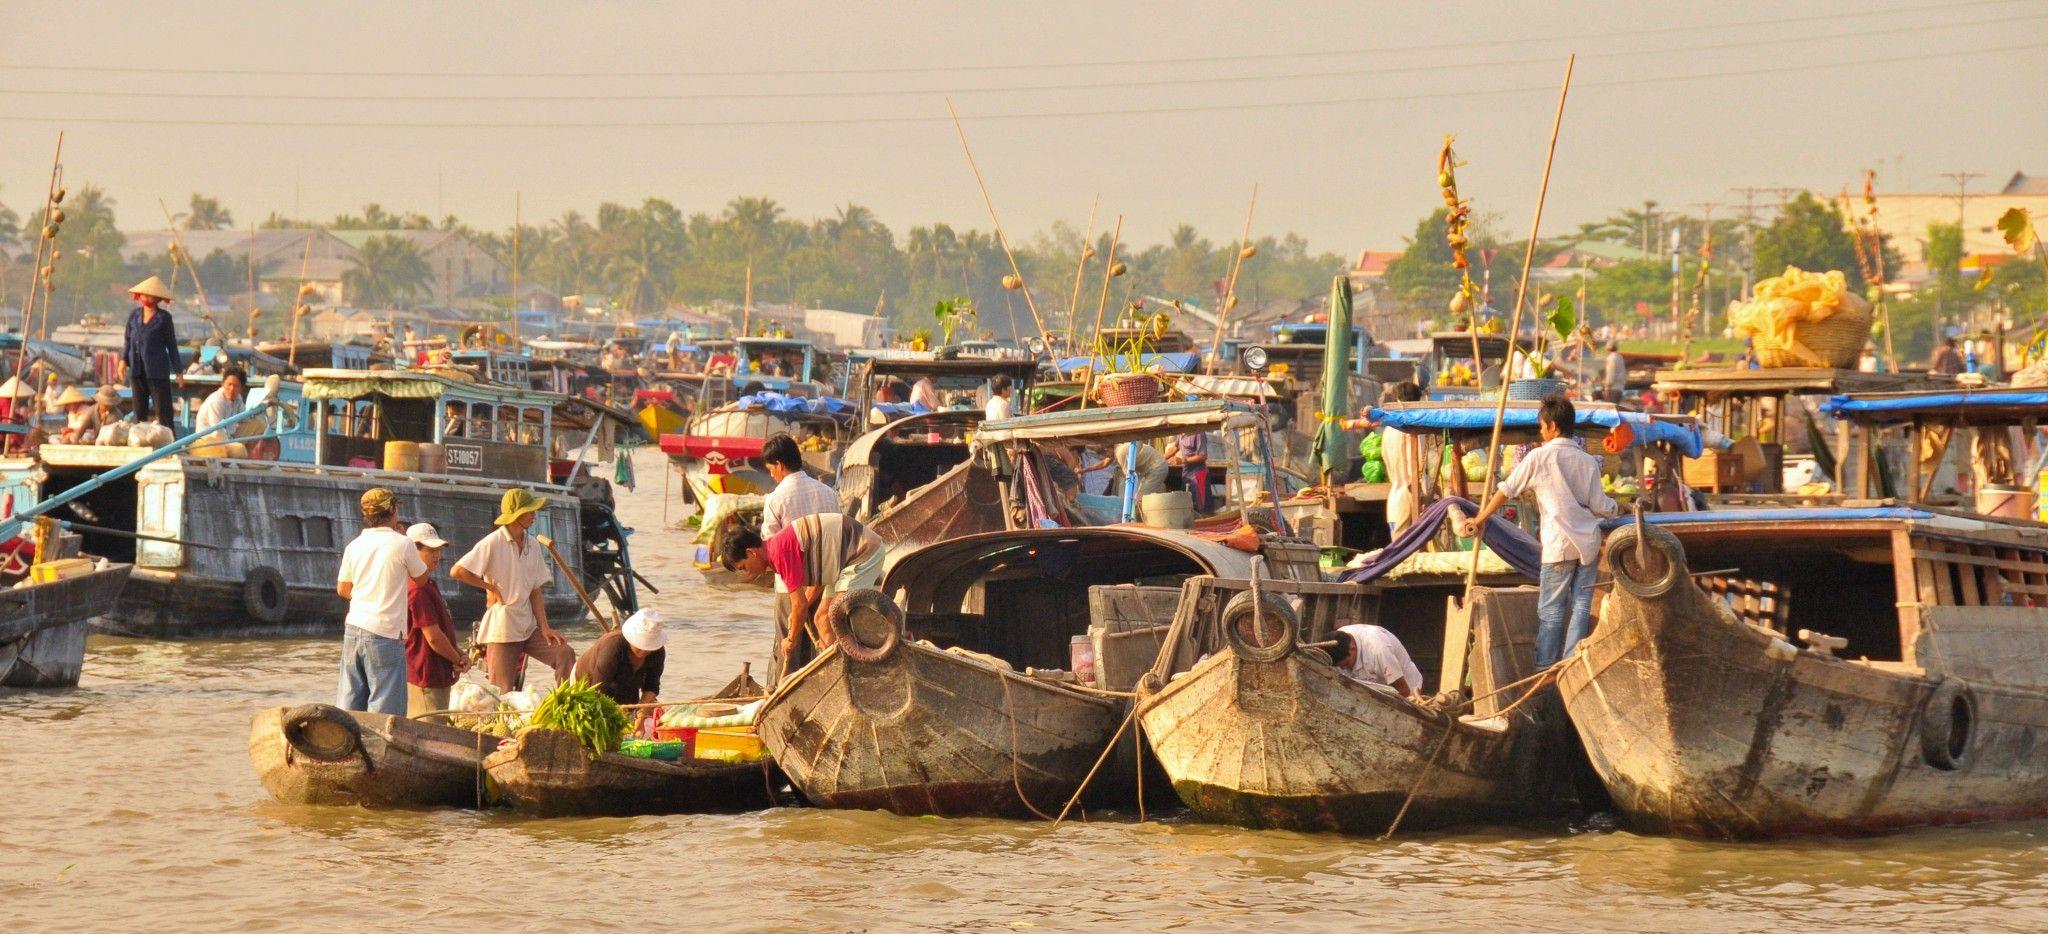 Ein Schwimmender Markt auf zusammengelegten Booten in Vietnam